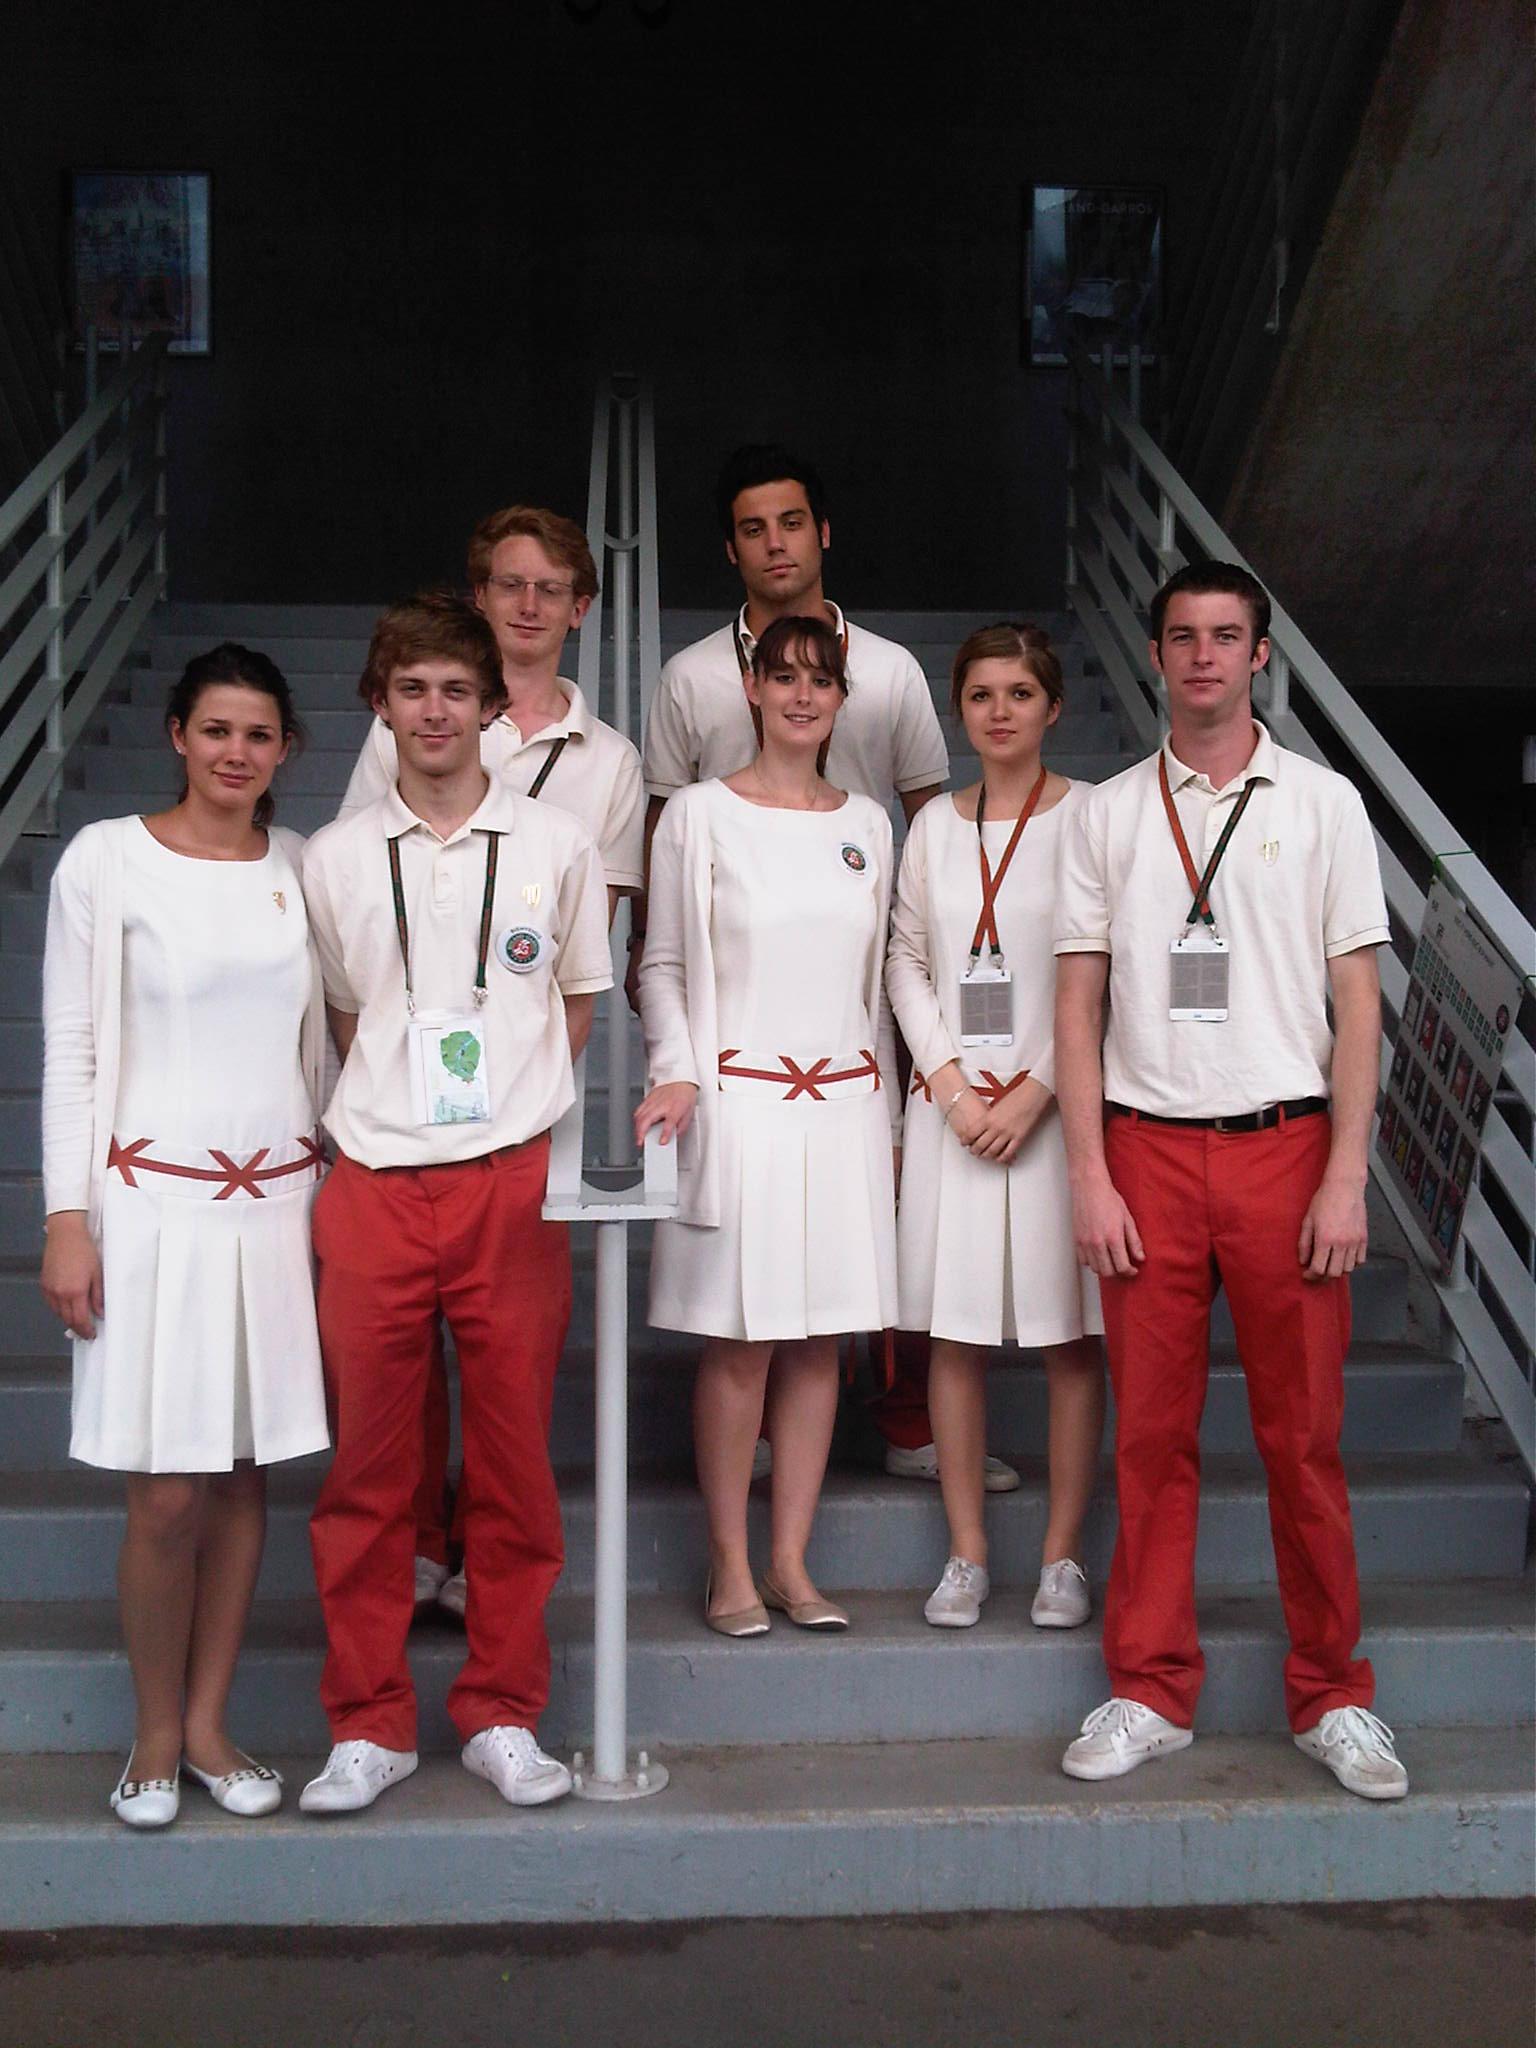 Roland Garros 2013 900 H 244 Tesses Et H 244 Tes De L Agence Mahola Assurent L Accueil Des Visiteurs